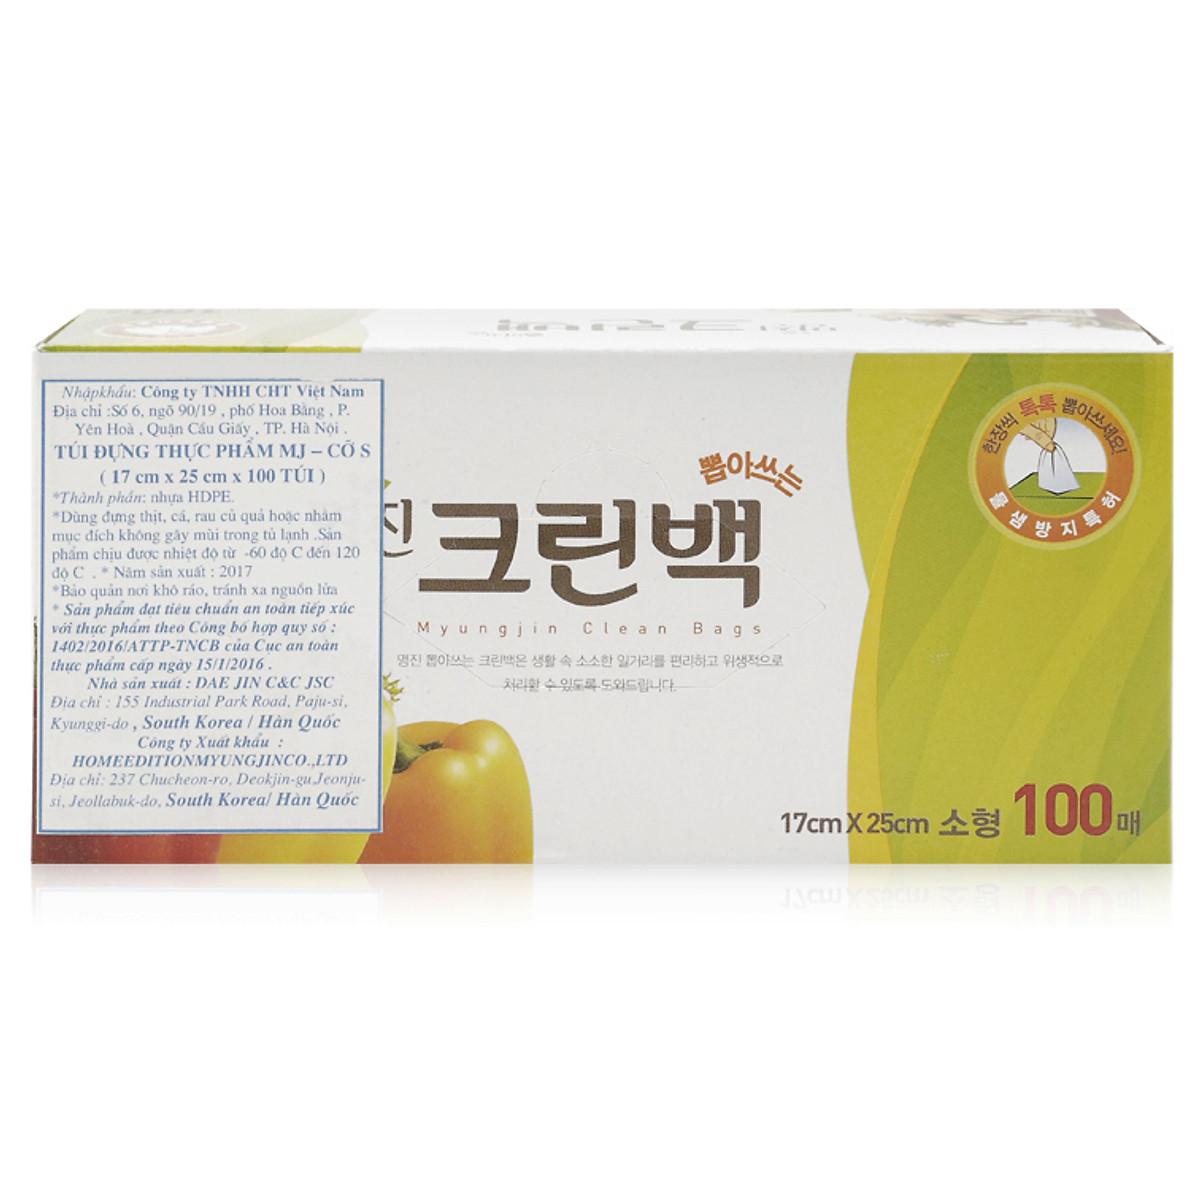 Bộ 100 túi đựng thực phẩm Myungjin sinh học (size 17 x 24cm) cao cấp Hàn Quốc